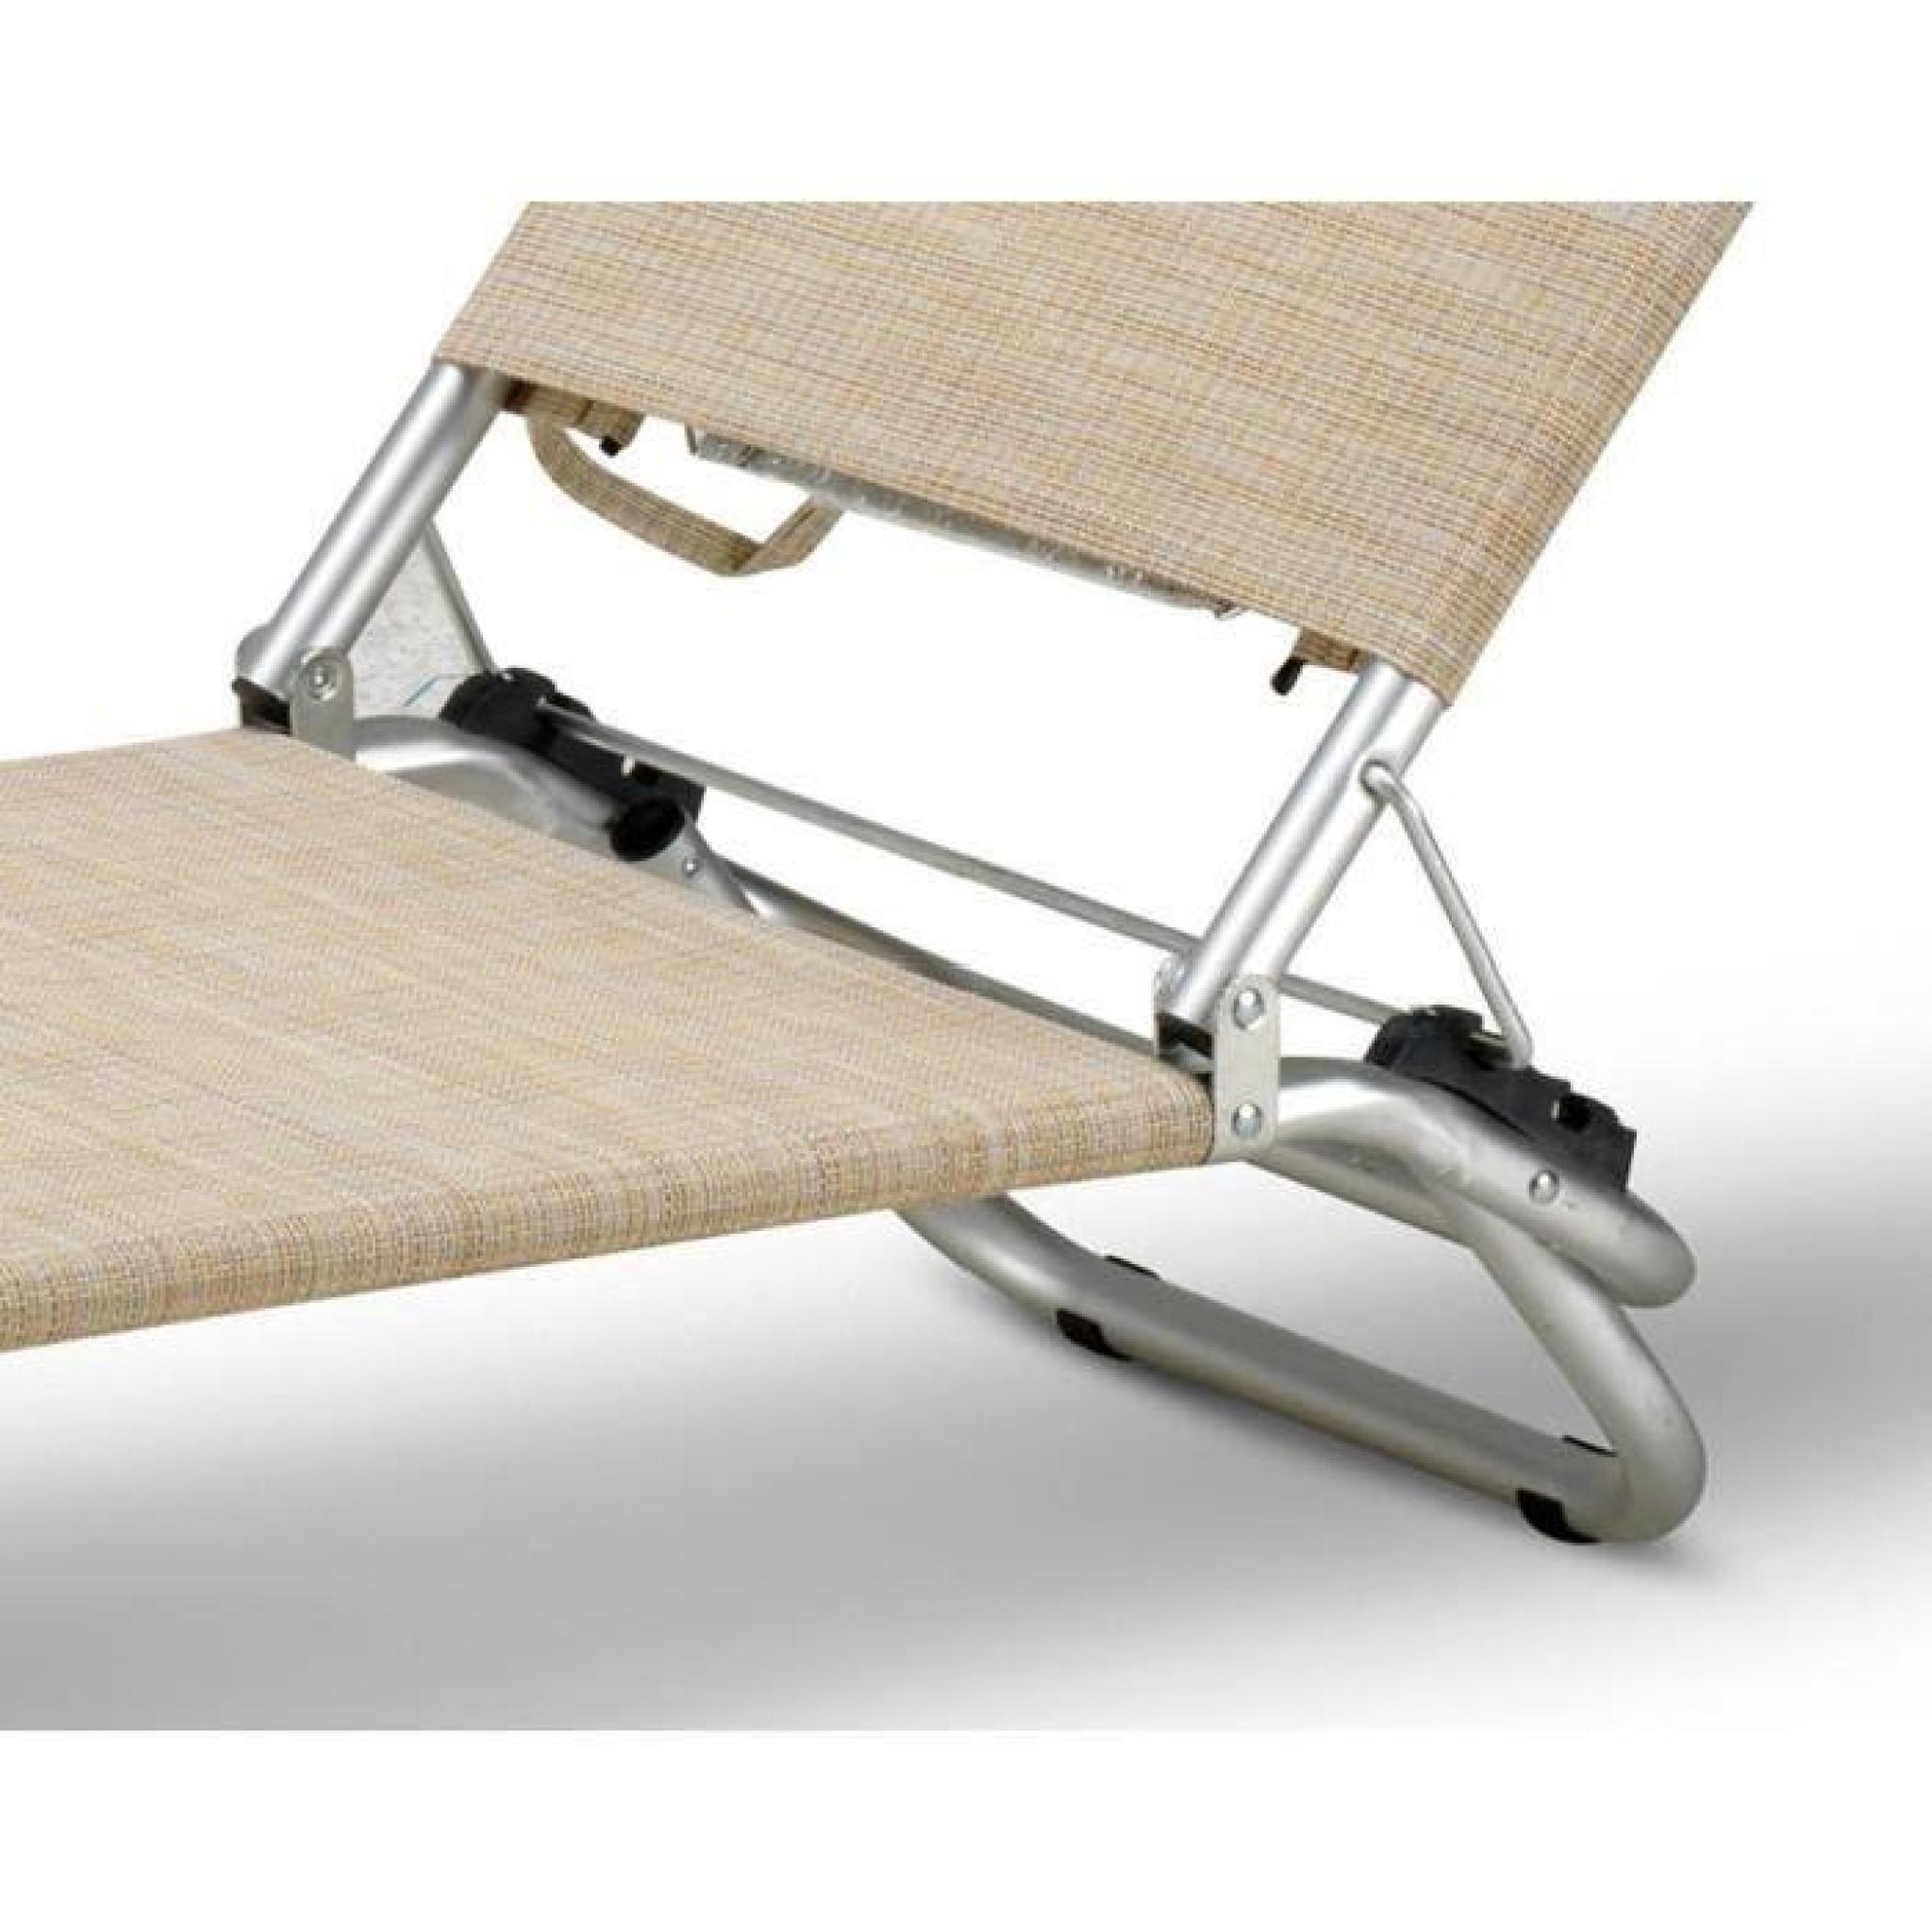 chaise de plage transat pliante fauteuil piscine aluminium gargano achat vente transat de. Black Bedroom Furniture Sets. Home Design Ideas